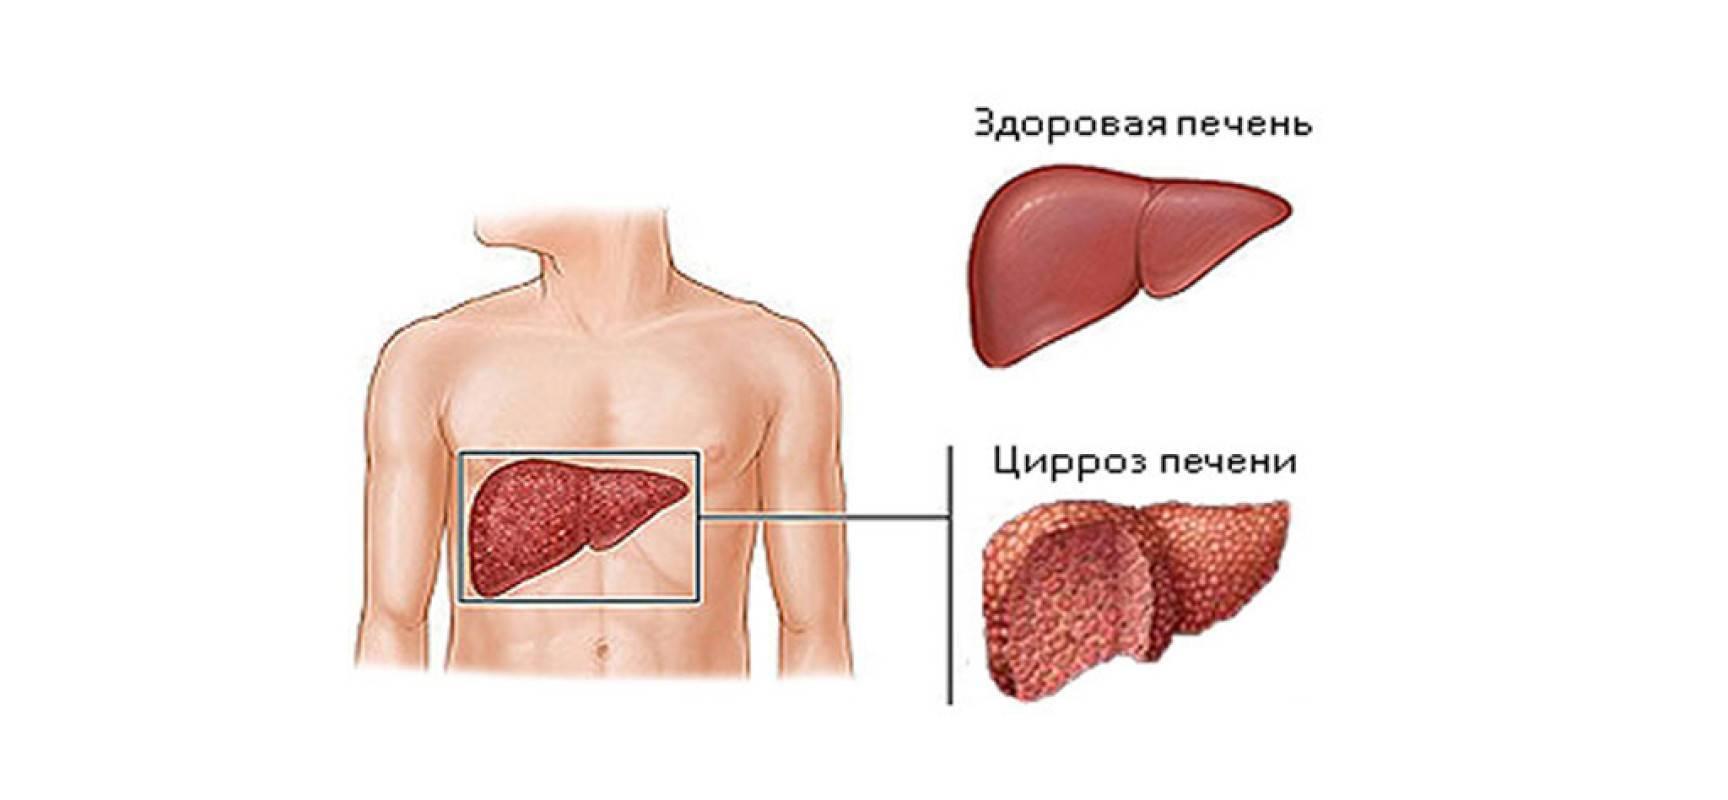 Сердечный цирроз печени